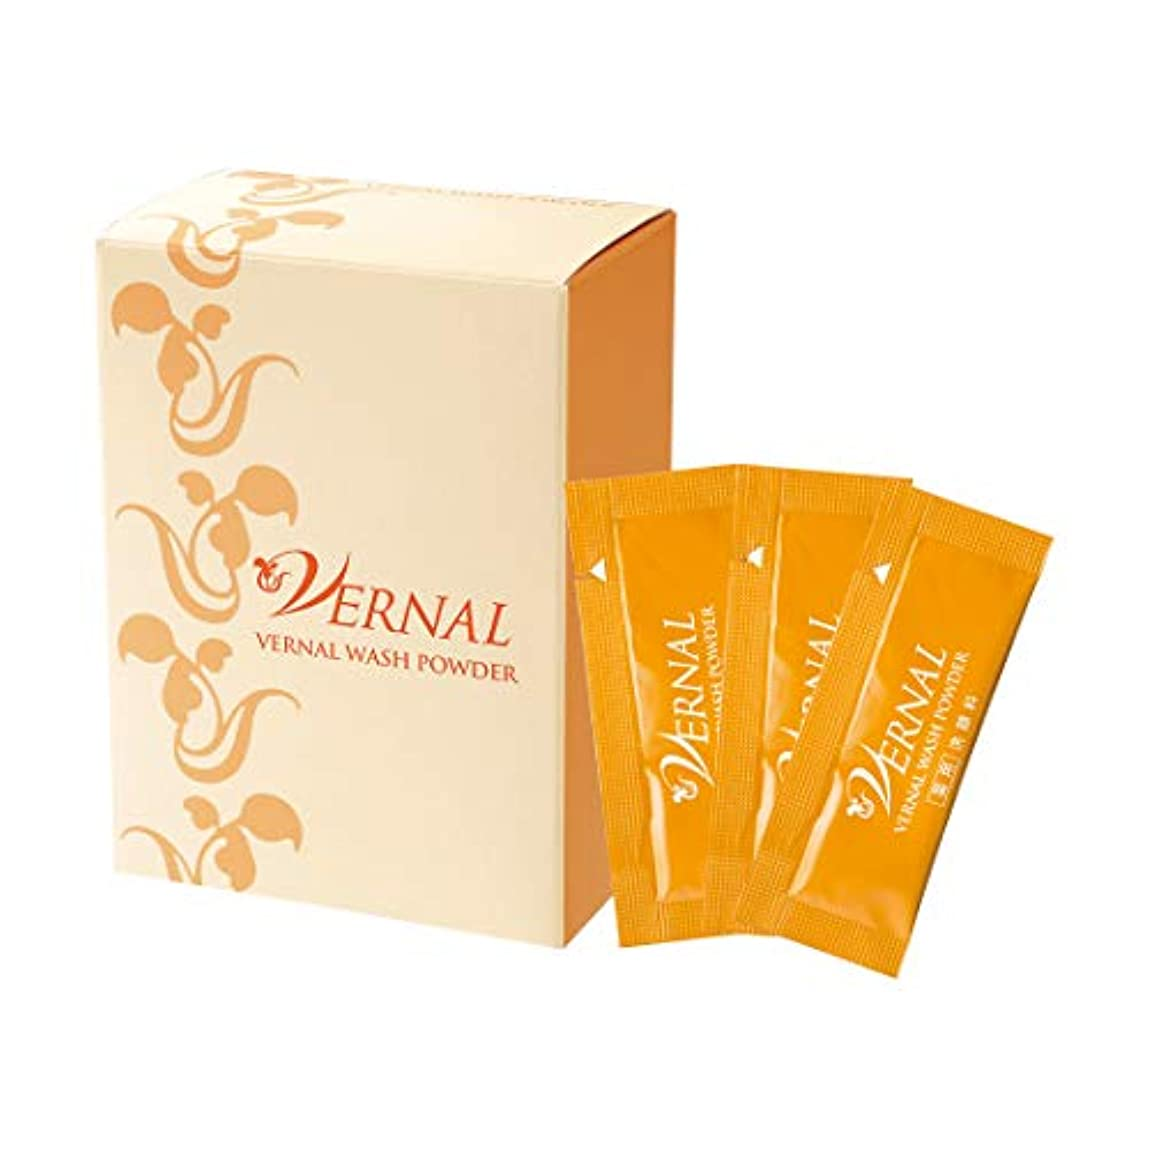 薬用ウォッシュパウダー30包 医薬部外品(1ヵ月分)/ヴァーナル 洗顔 酵素パウダー 薬用 酵素洗顔